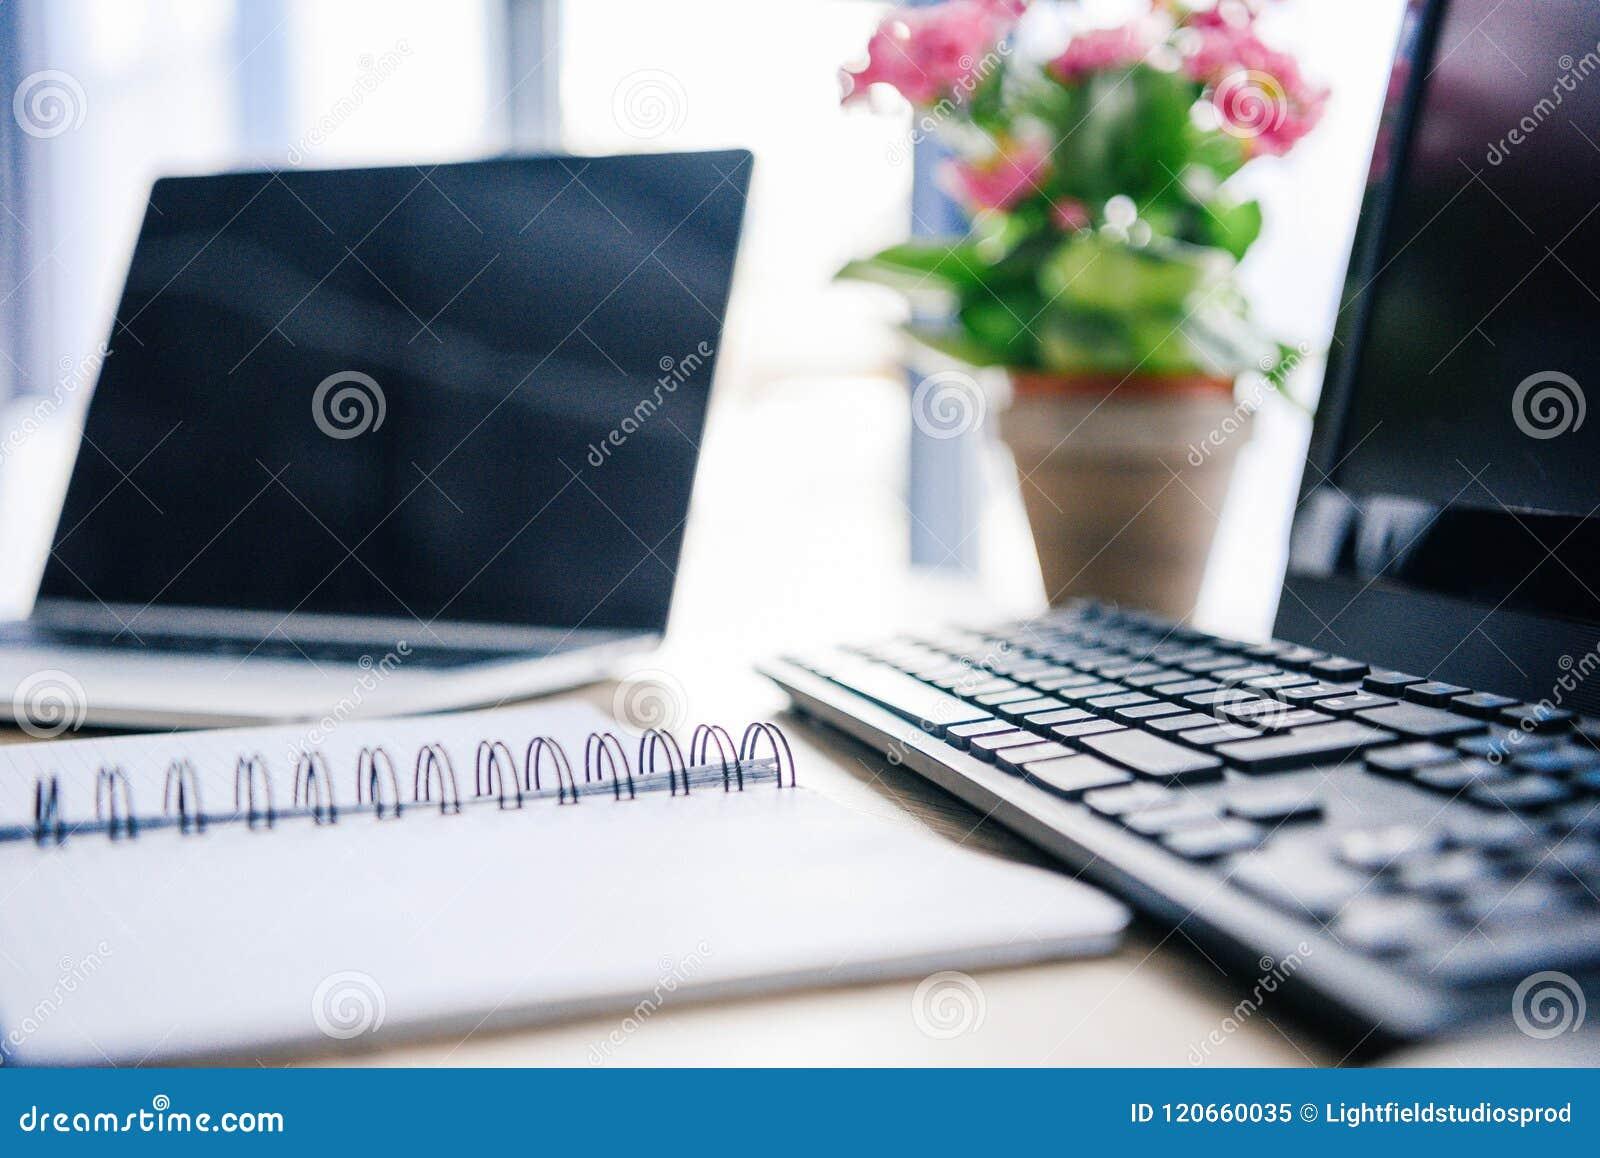 Zbliżenie strzał pusty podręcznik, laptop, kwiaty w garnku, komputer, komputerowa klawiatura i komputer mysz,